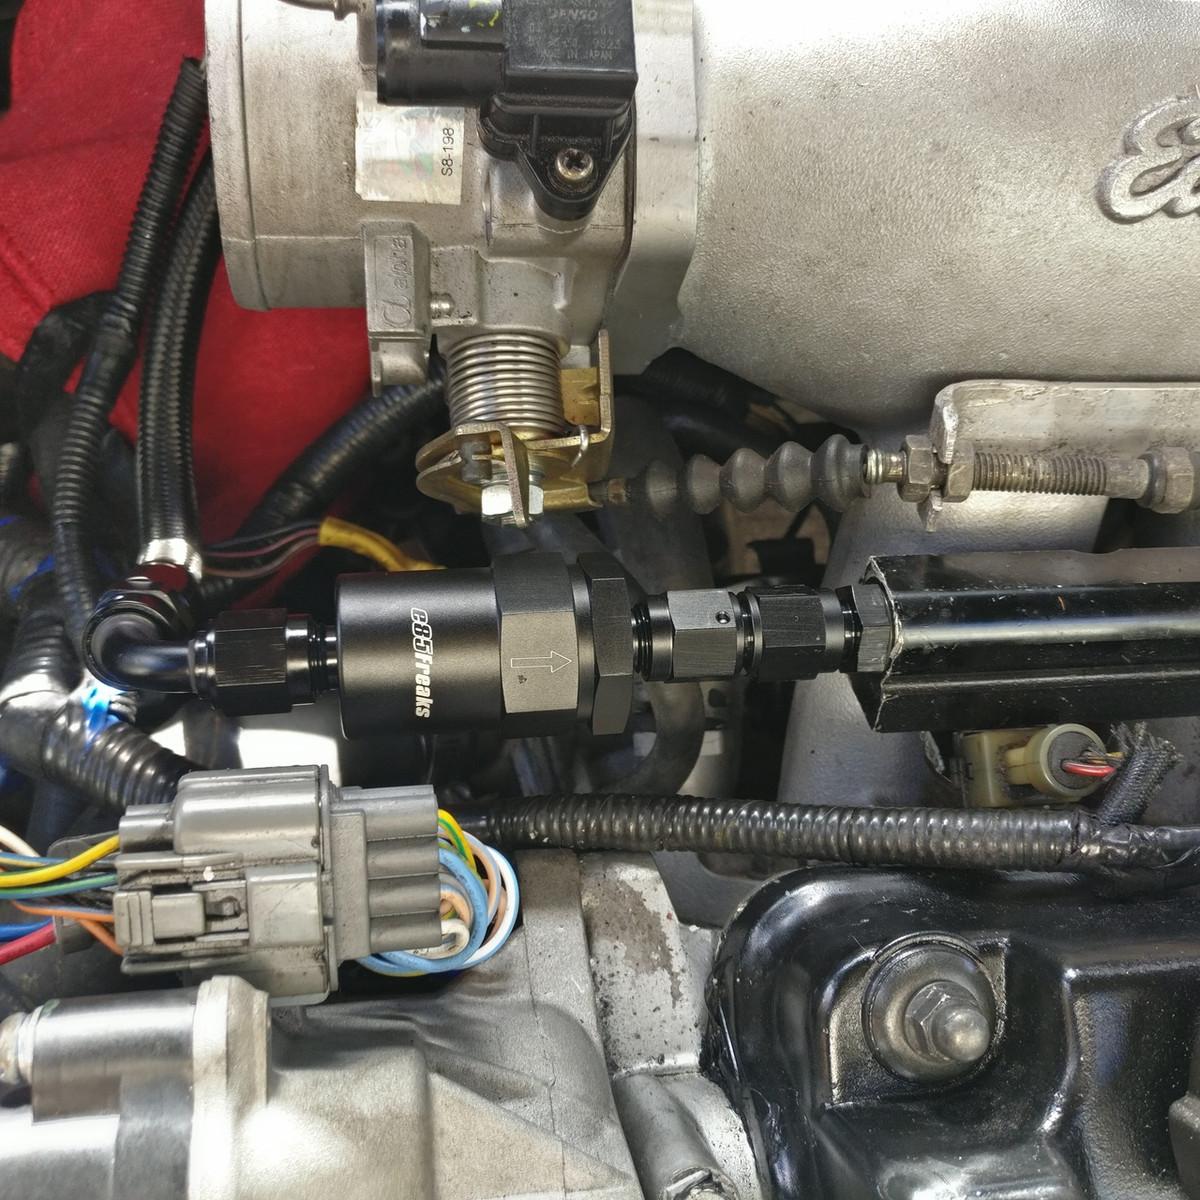 medium resolution of jbtuned honda ef civic da integra crx fuel line tuck kithonda crx fuel filter 3